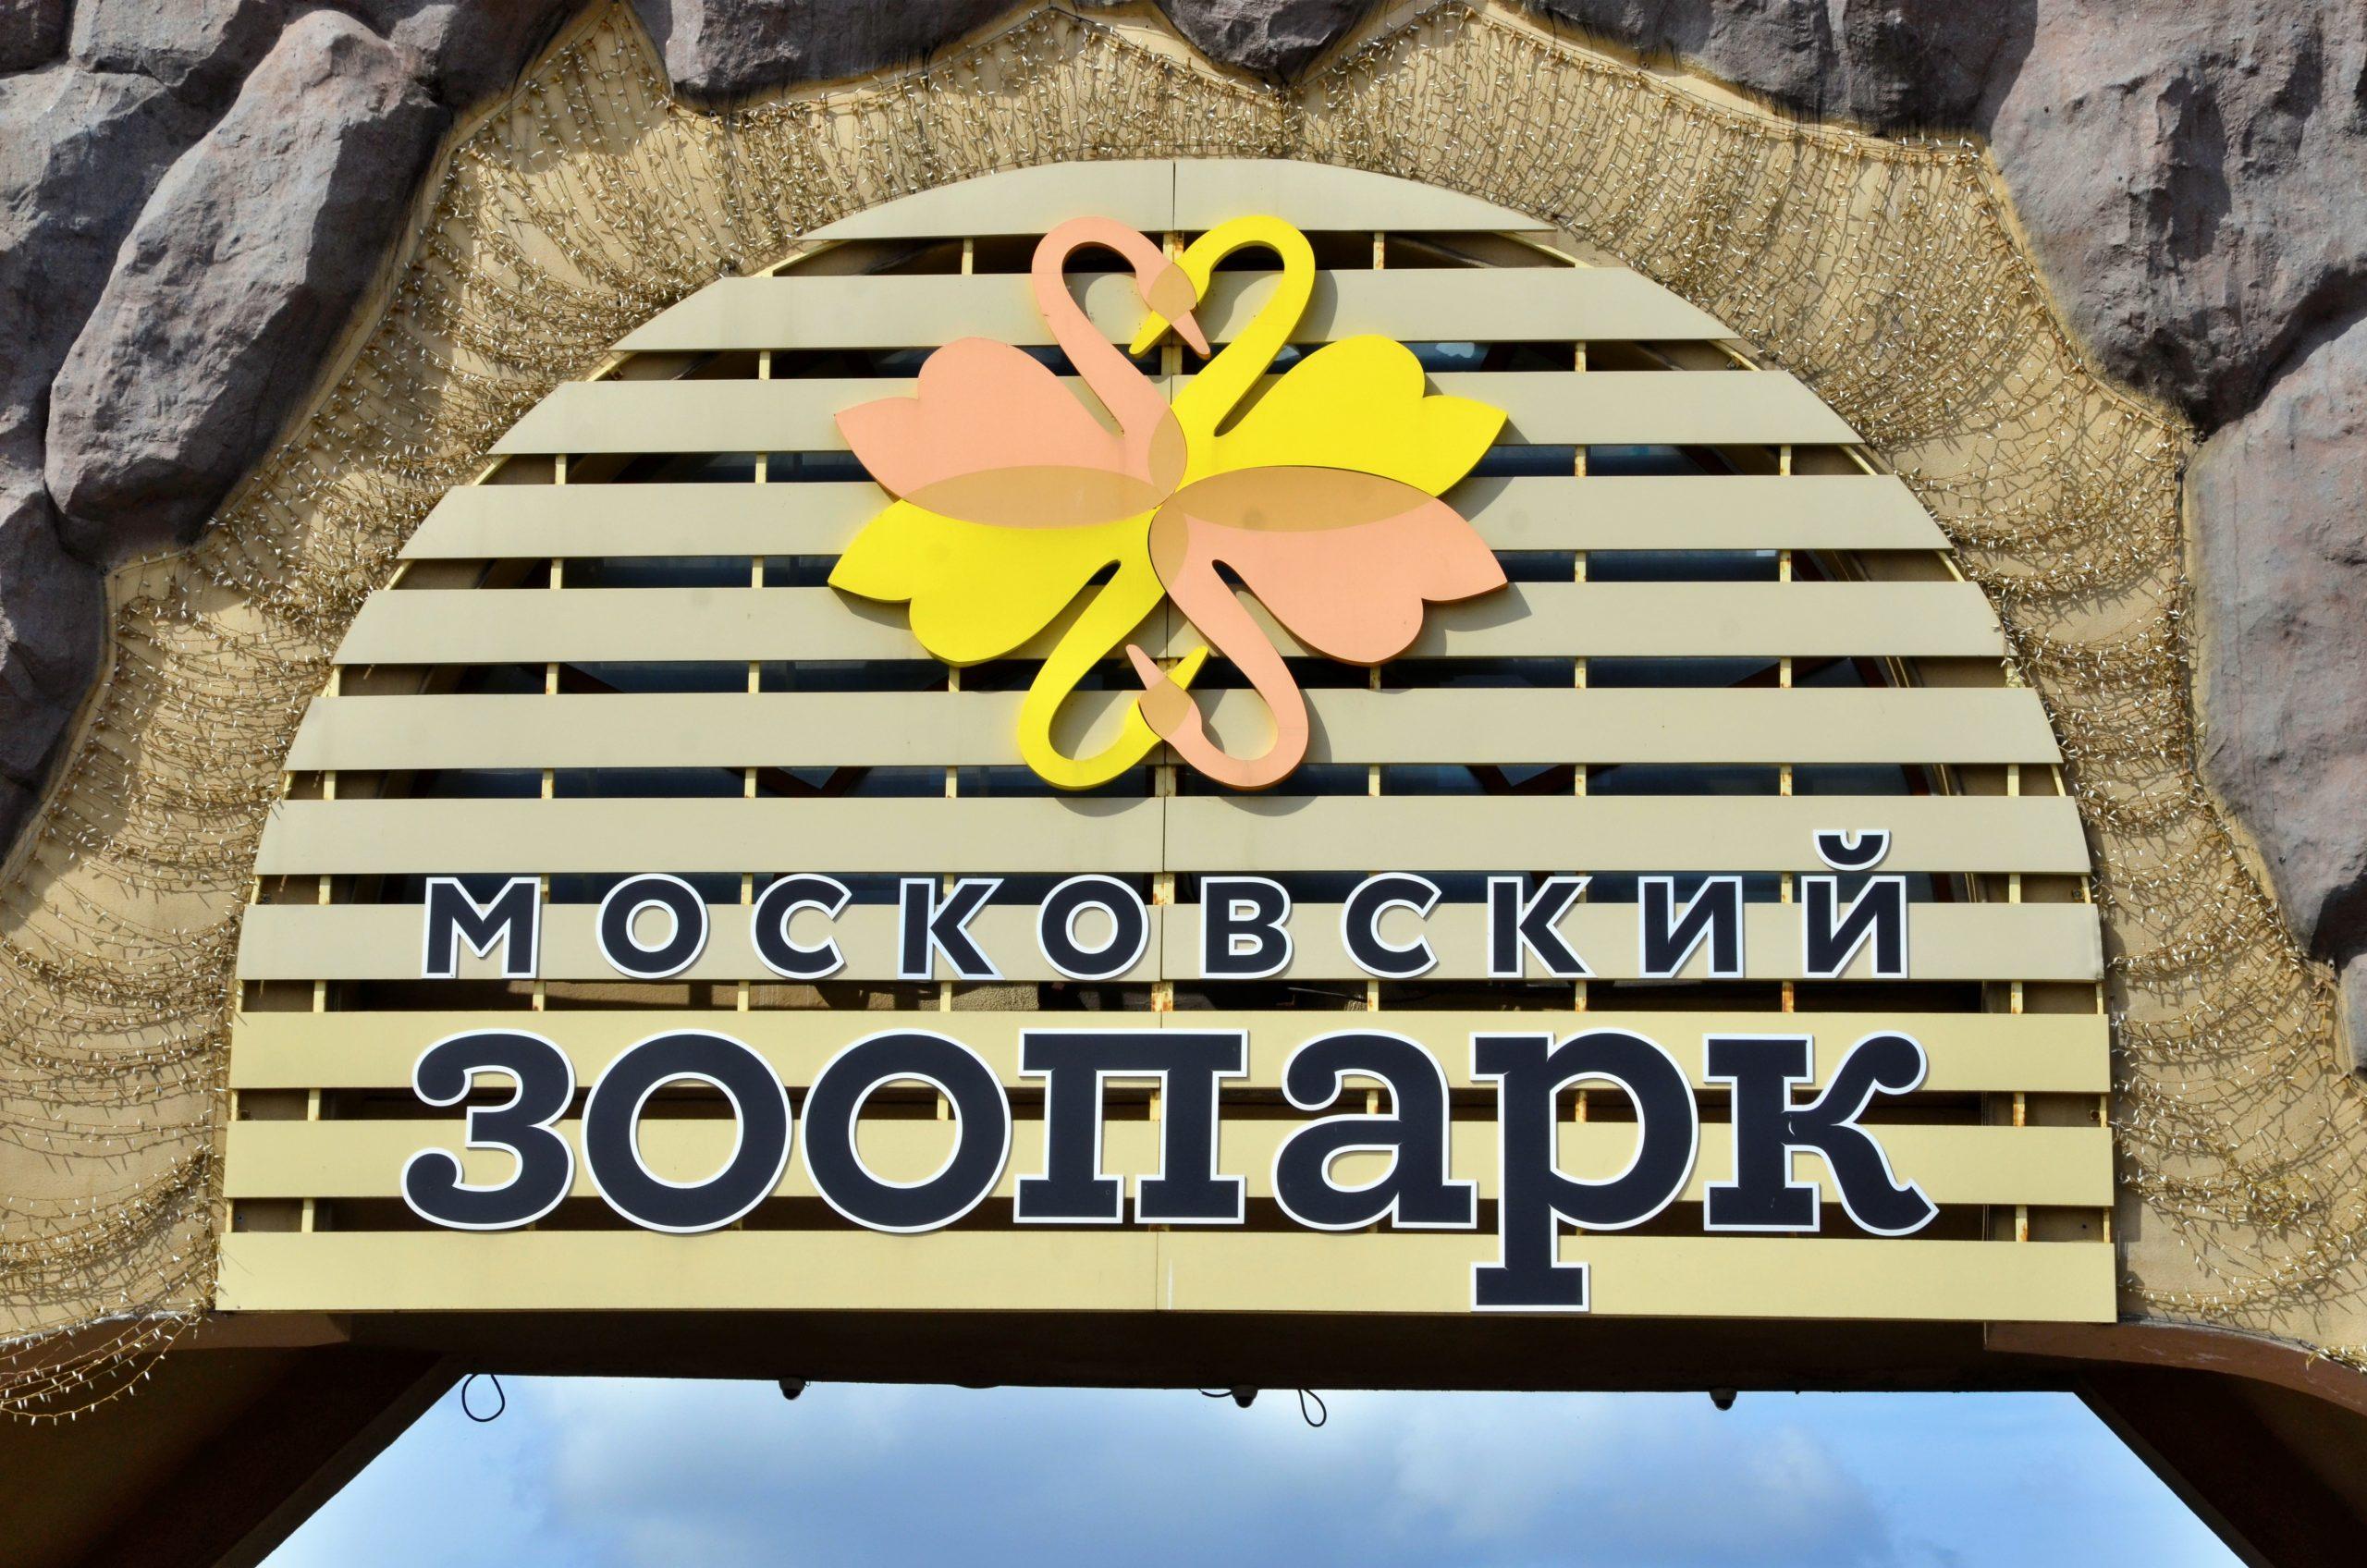 Сурки Московского зоопарка вышли из спячки